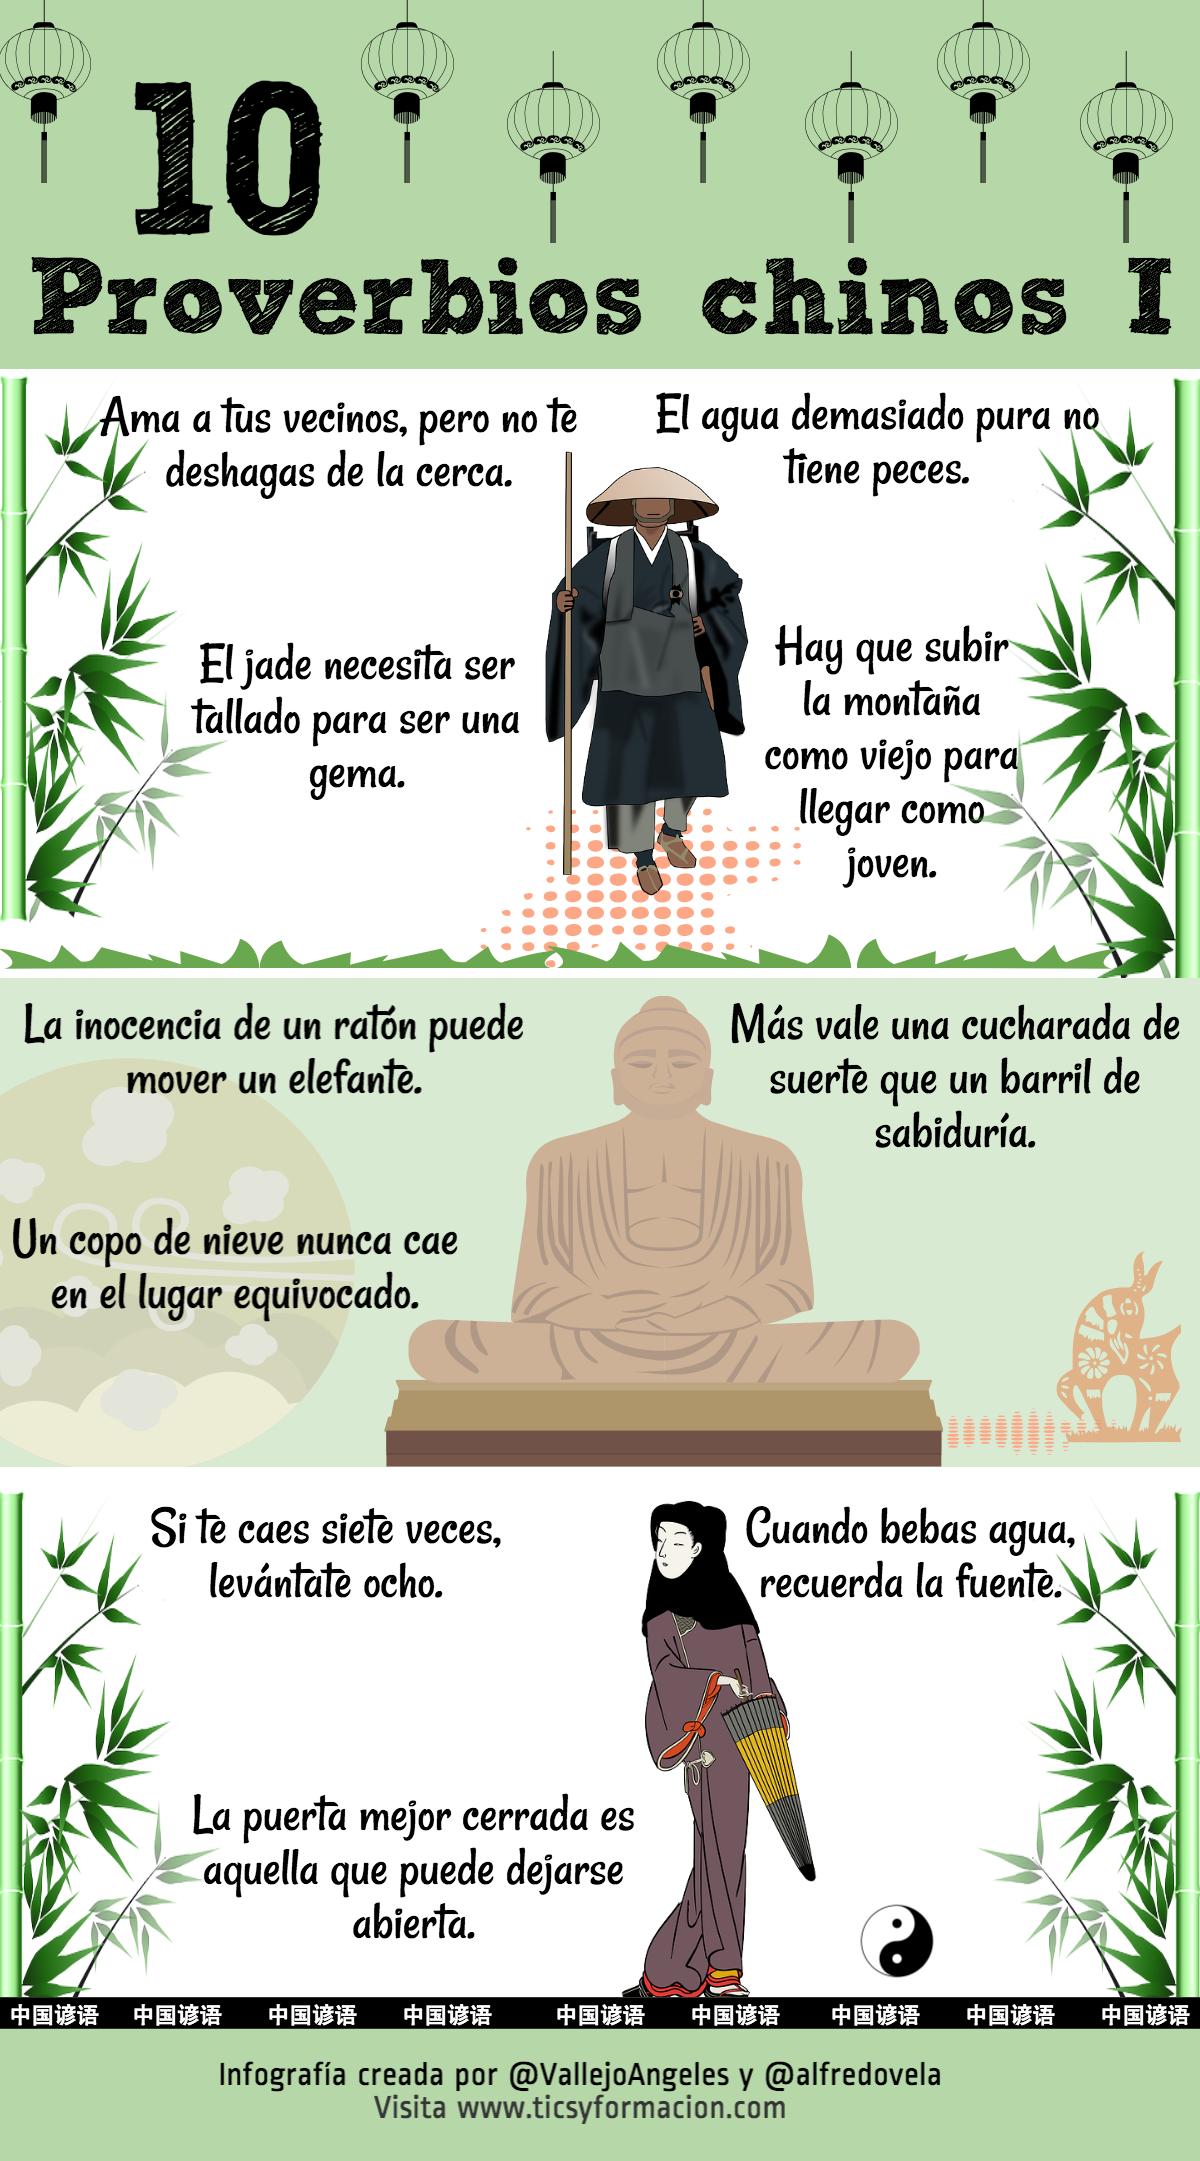 10 proverbios chinos (I) #infografia #infographic #citas #quotes ...